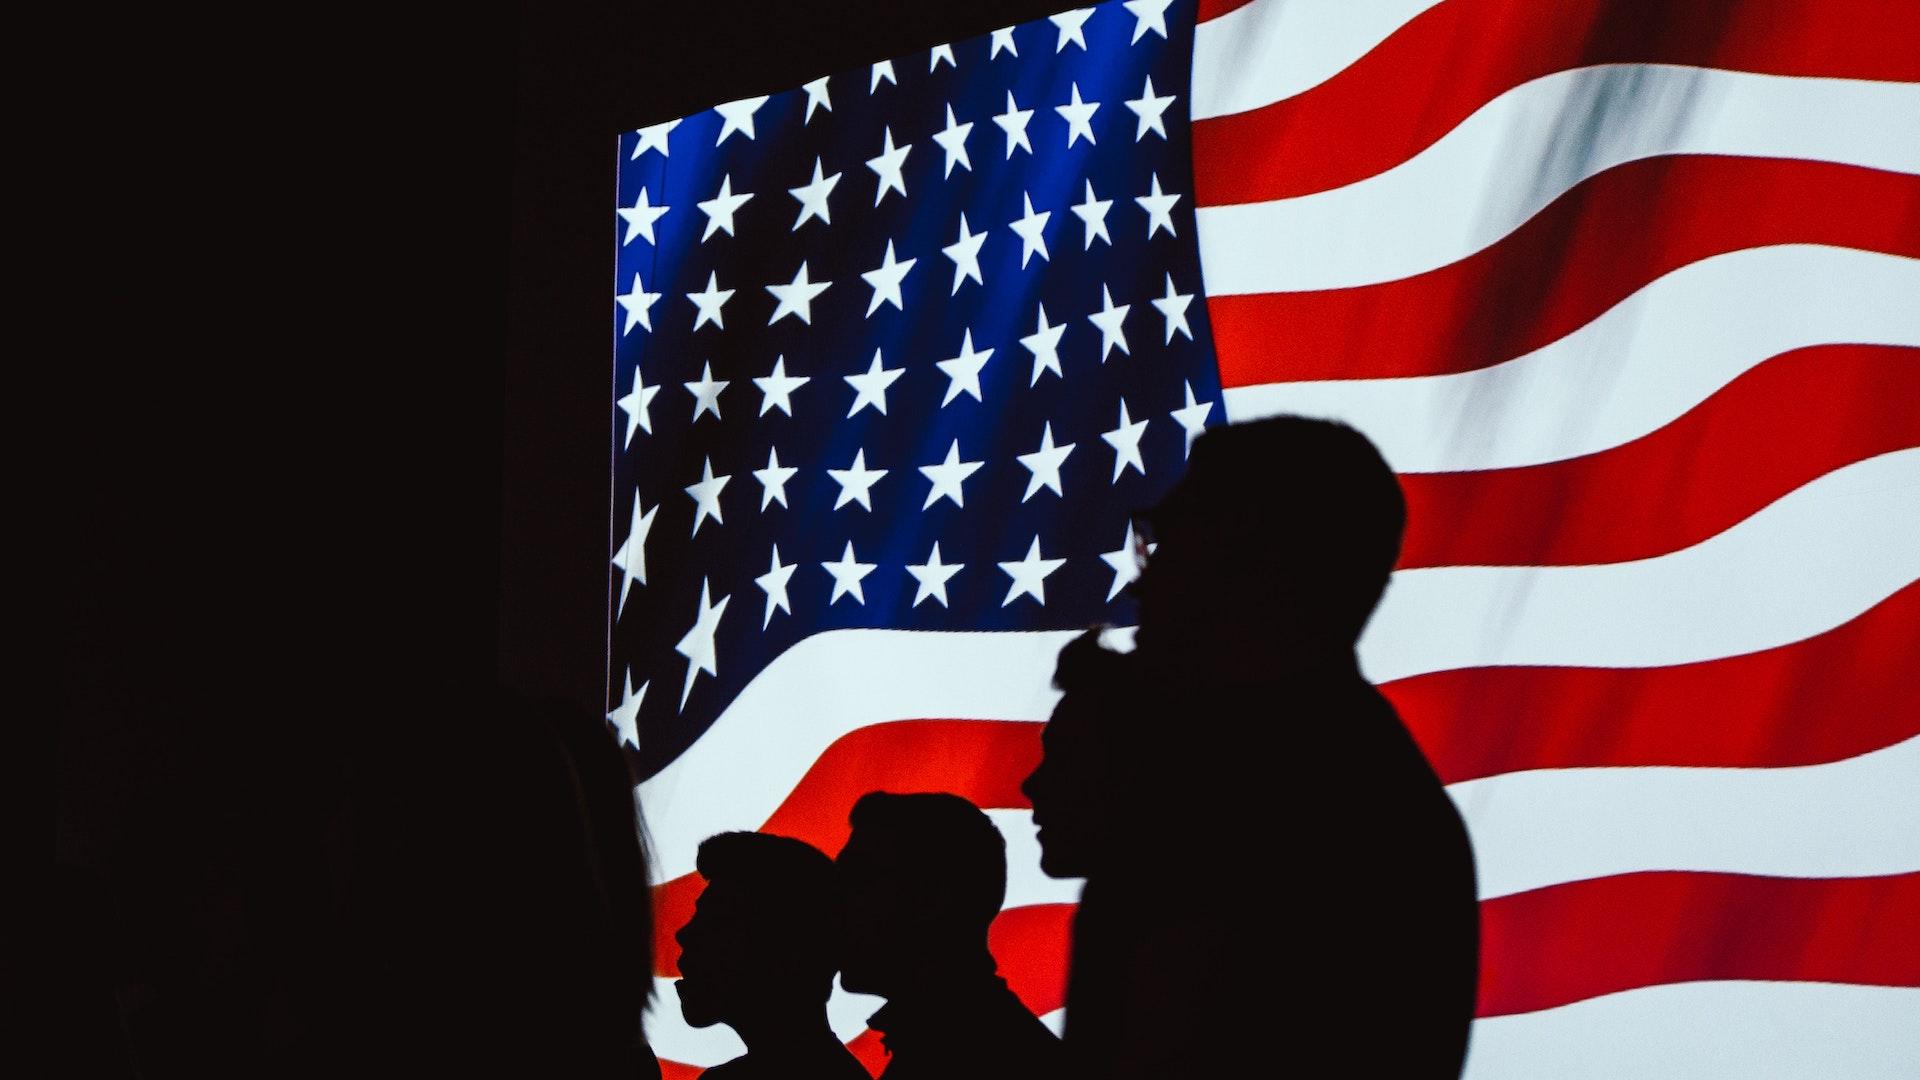 Resultados de los ganadores de la lotería de visas 2021 de Estados Unidos